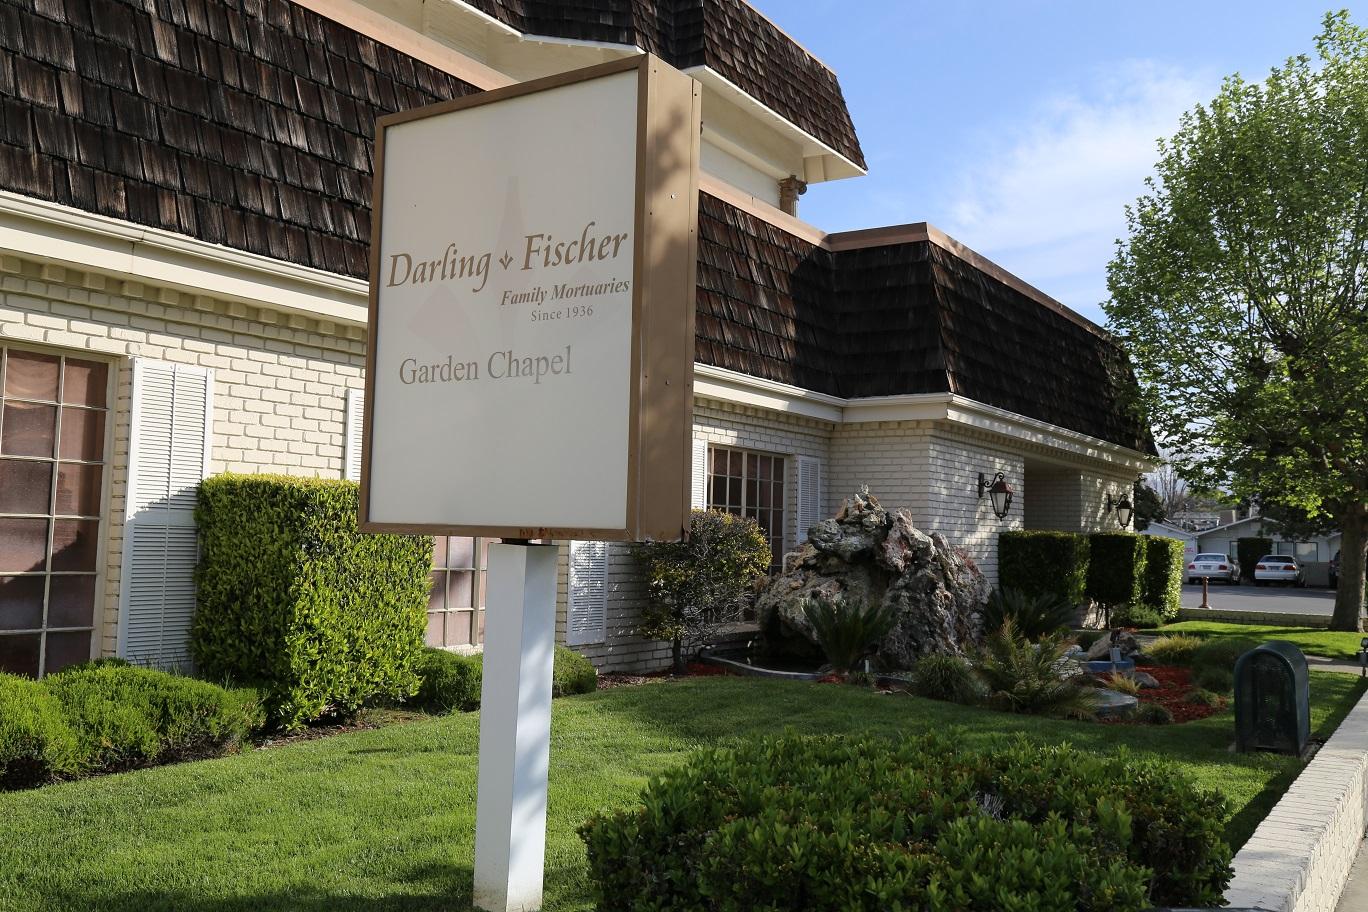 Darling & Fischer Garden Chapel